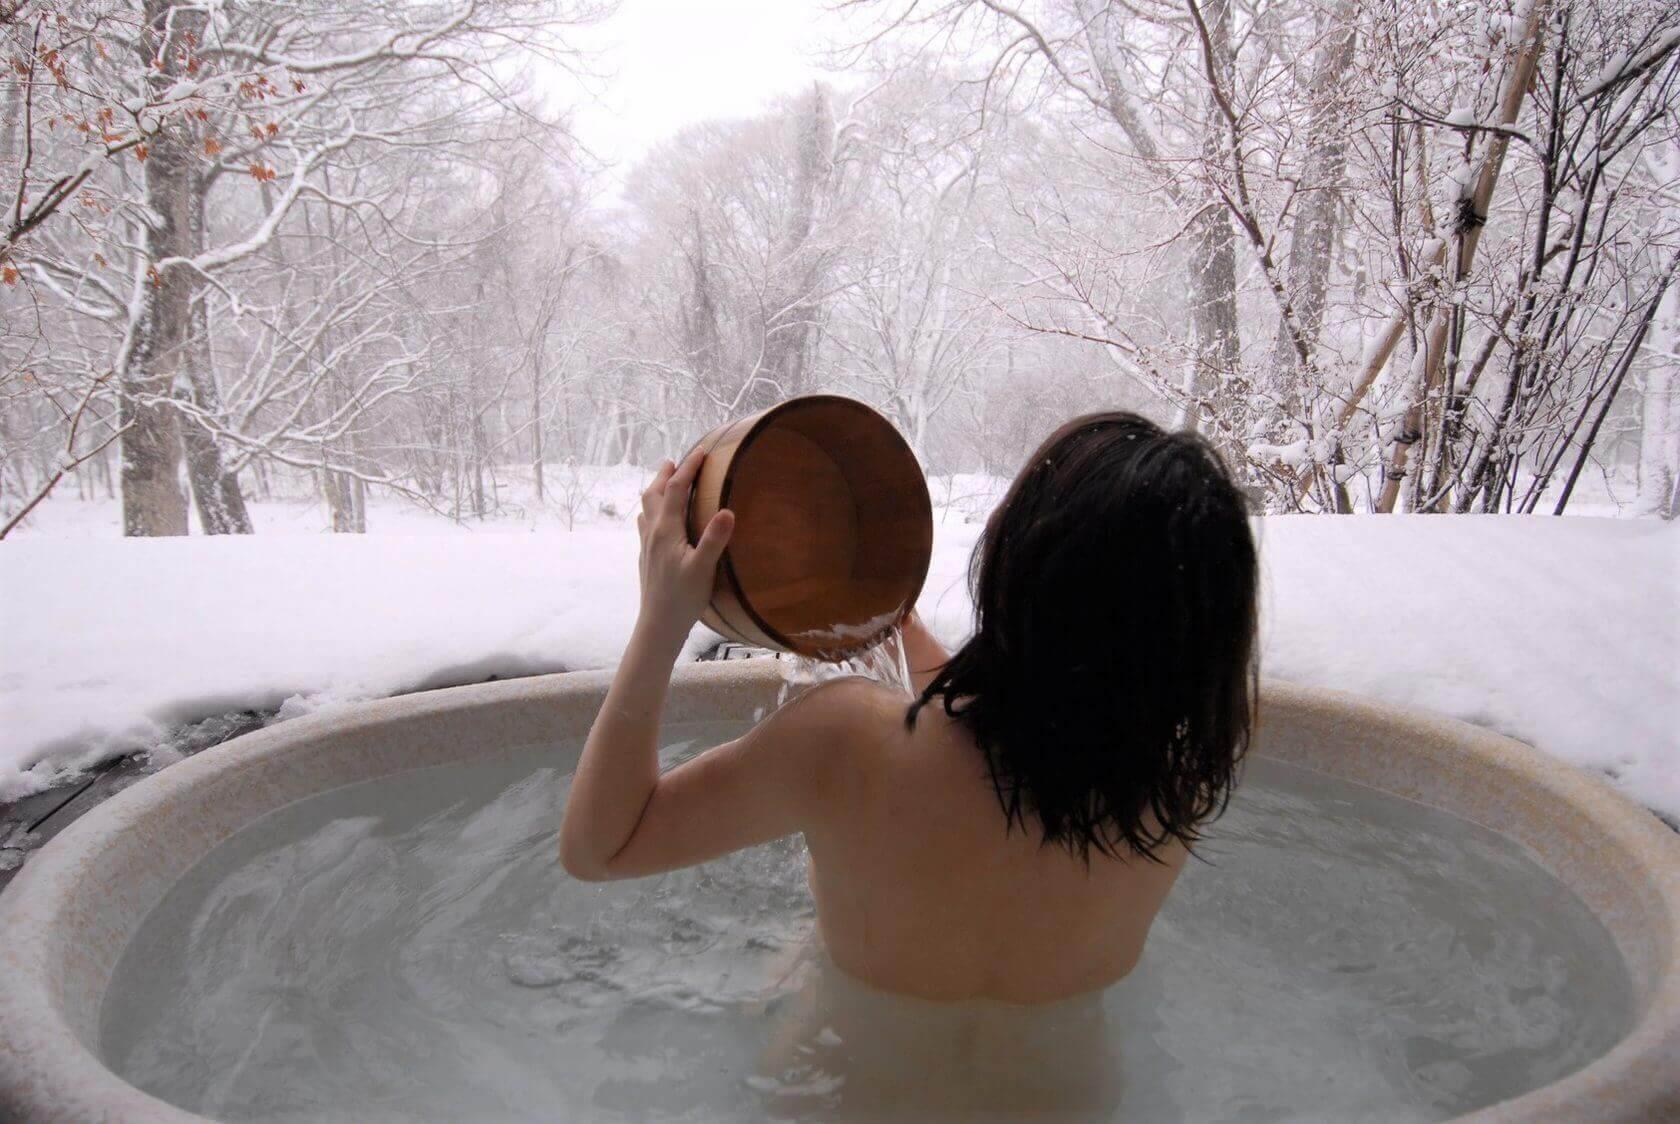 Обтирание снегом: польза и вред - здоровый образ жизни